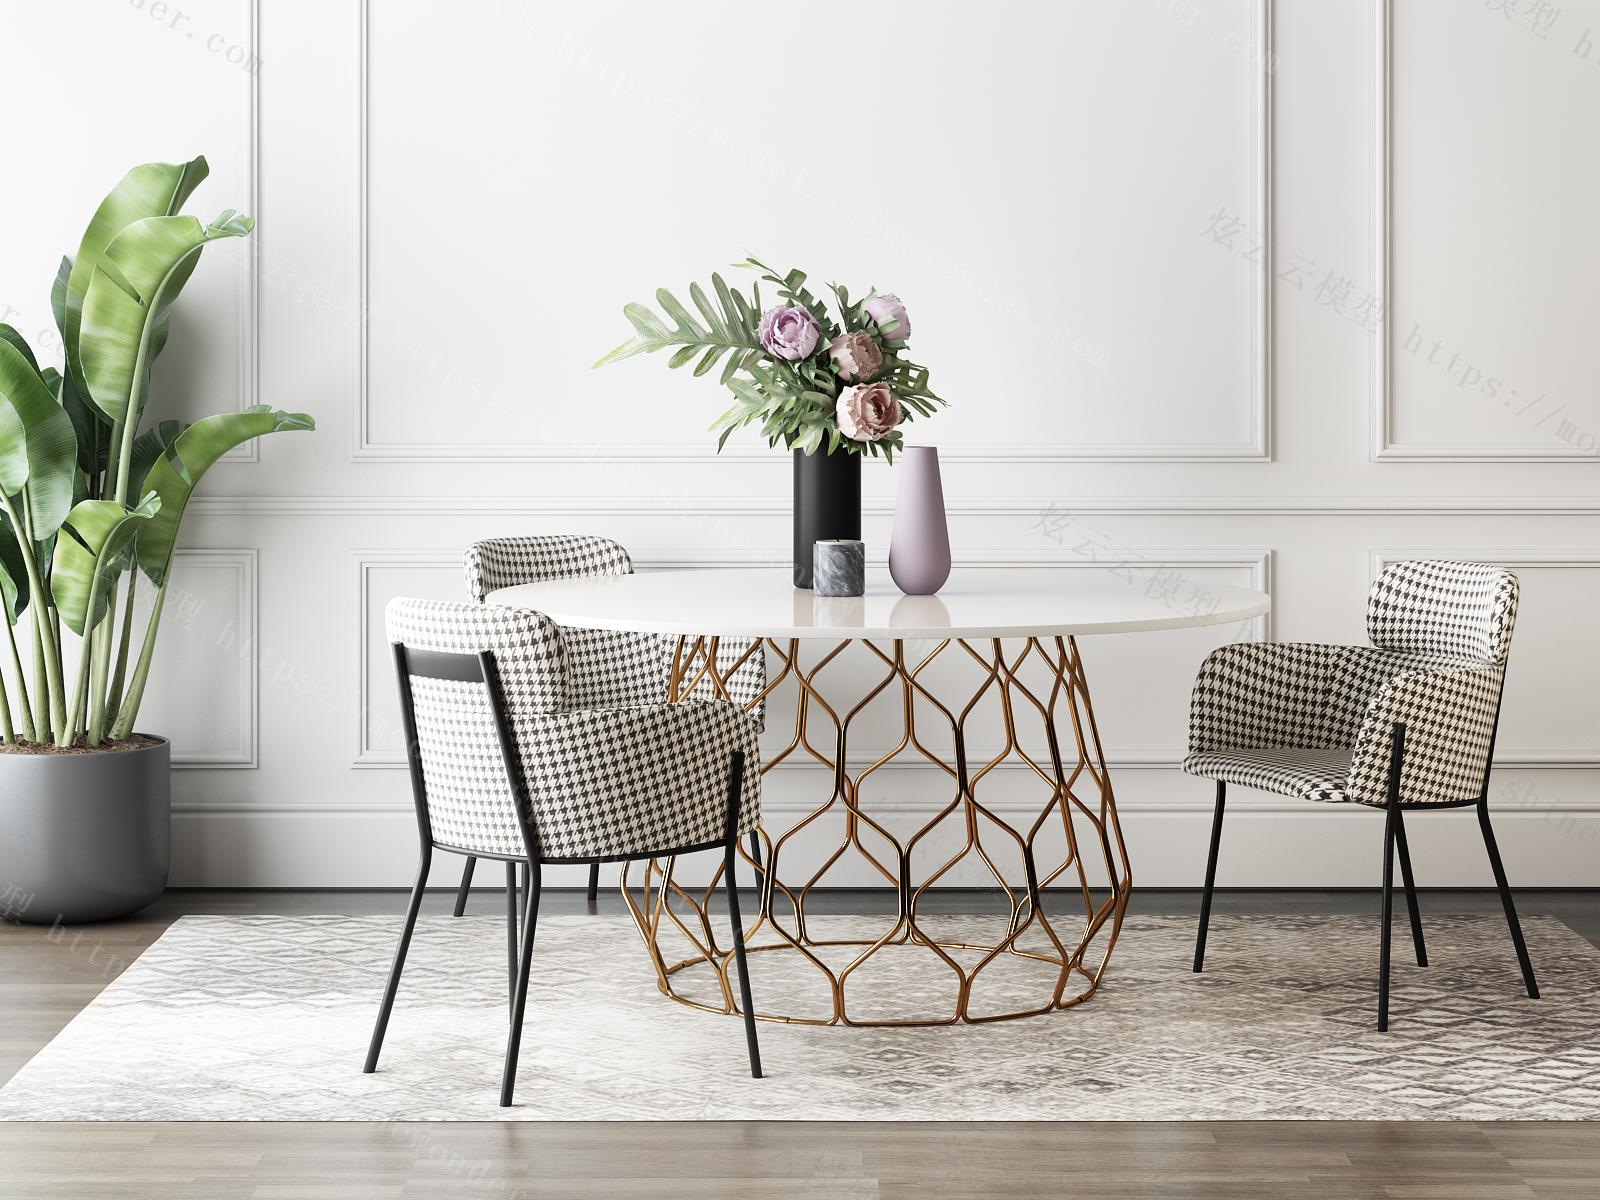 现代轻奢休闲桌椅组合模型